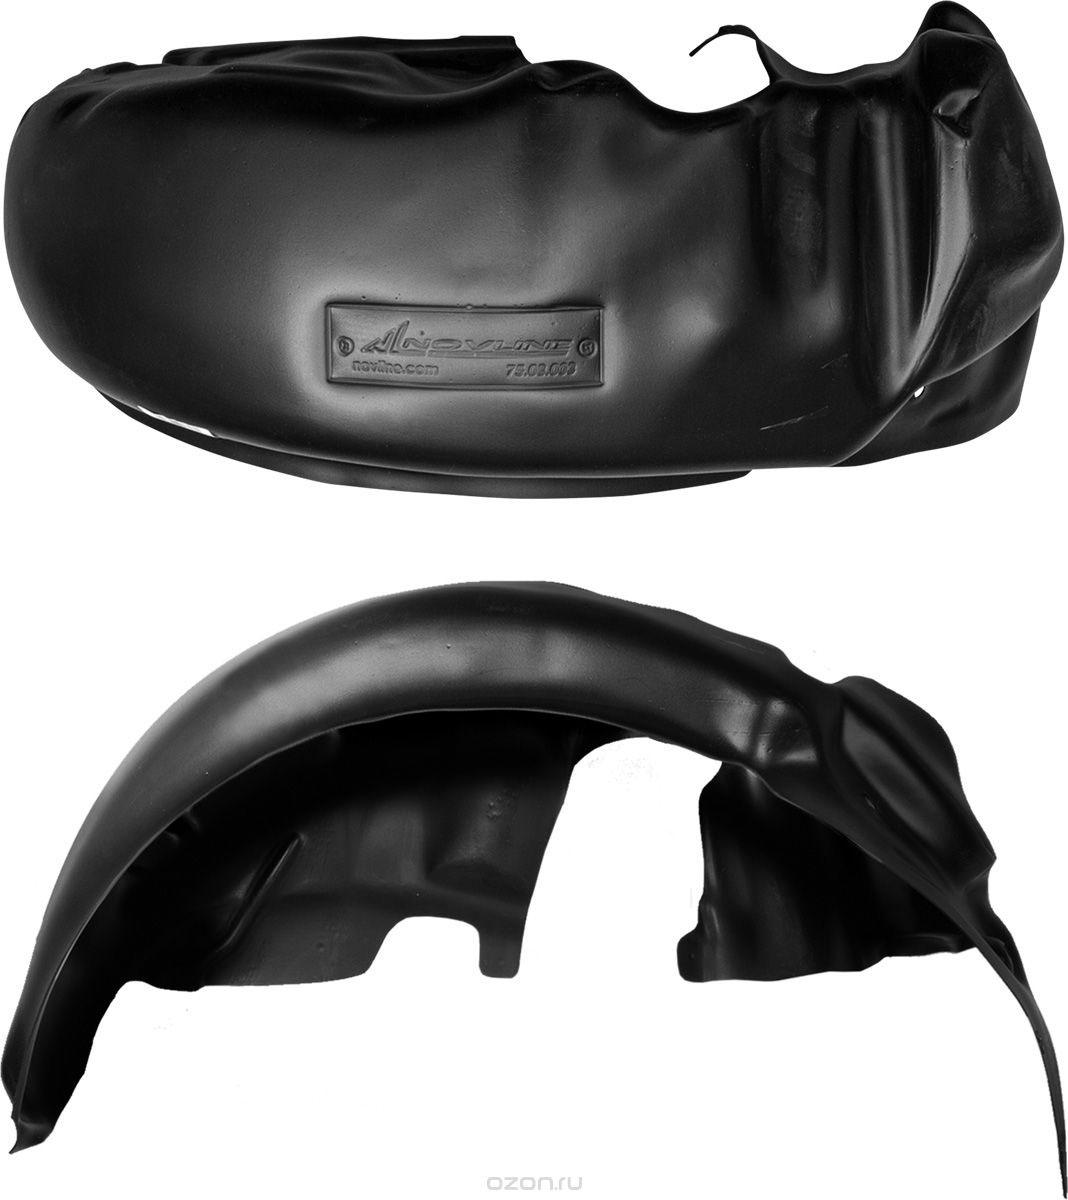 Подкрылок Novline-Autofamily, для Hyundai Tucson, 11/2015->, кроссовер, задний левыйNLL.20.45.003Идеальная защита колесной ниши. Локеры разработаны с применением цифровых технологий, гарантируют максимальную повторяемость поверхности арки. Изделия устанавливаются без нарушения лакокрасочного покрытия автомобиля, каждый подкрылок комплектуется крепежом. Уважаемые клиенты, обращаем ваше внимание, что фотографии на подкрылки универсальные и не отражают реальную форму изделия. При этом само изделие идет точно под размер указанного автомобиля.